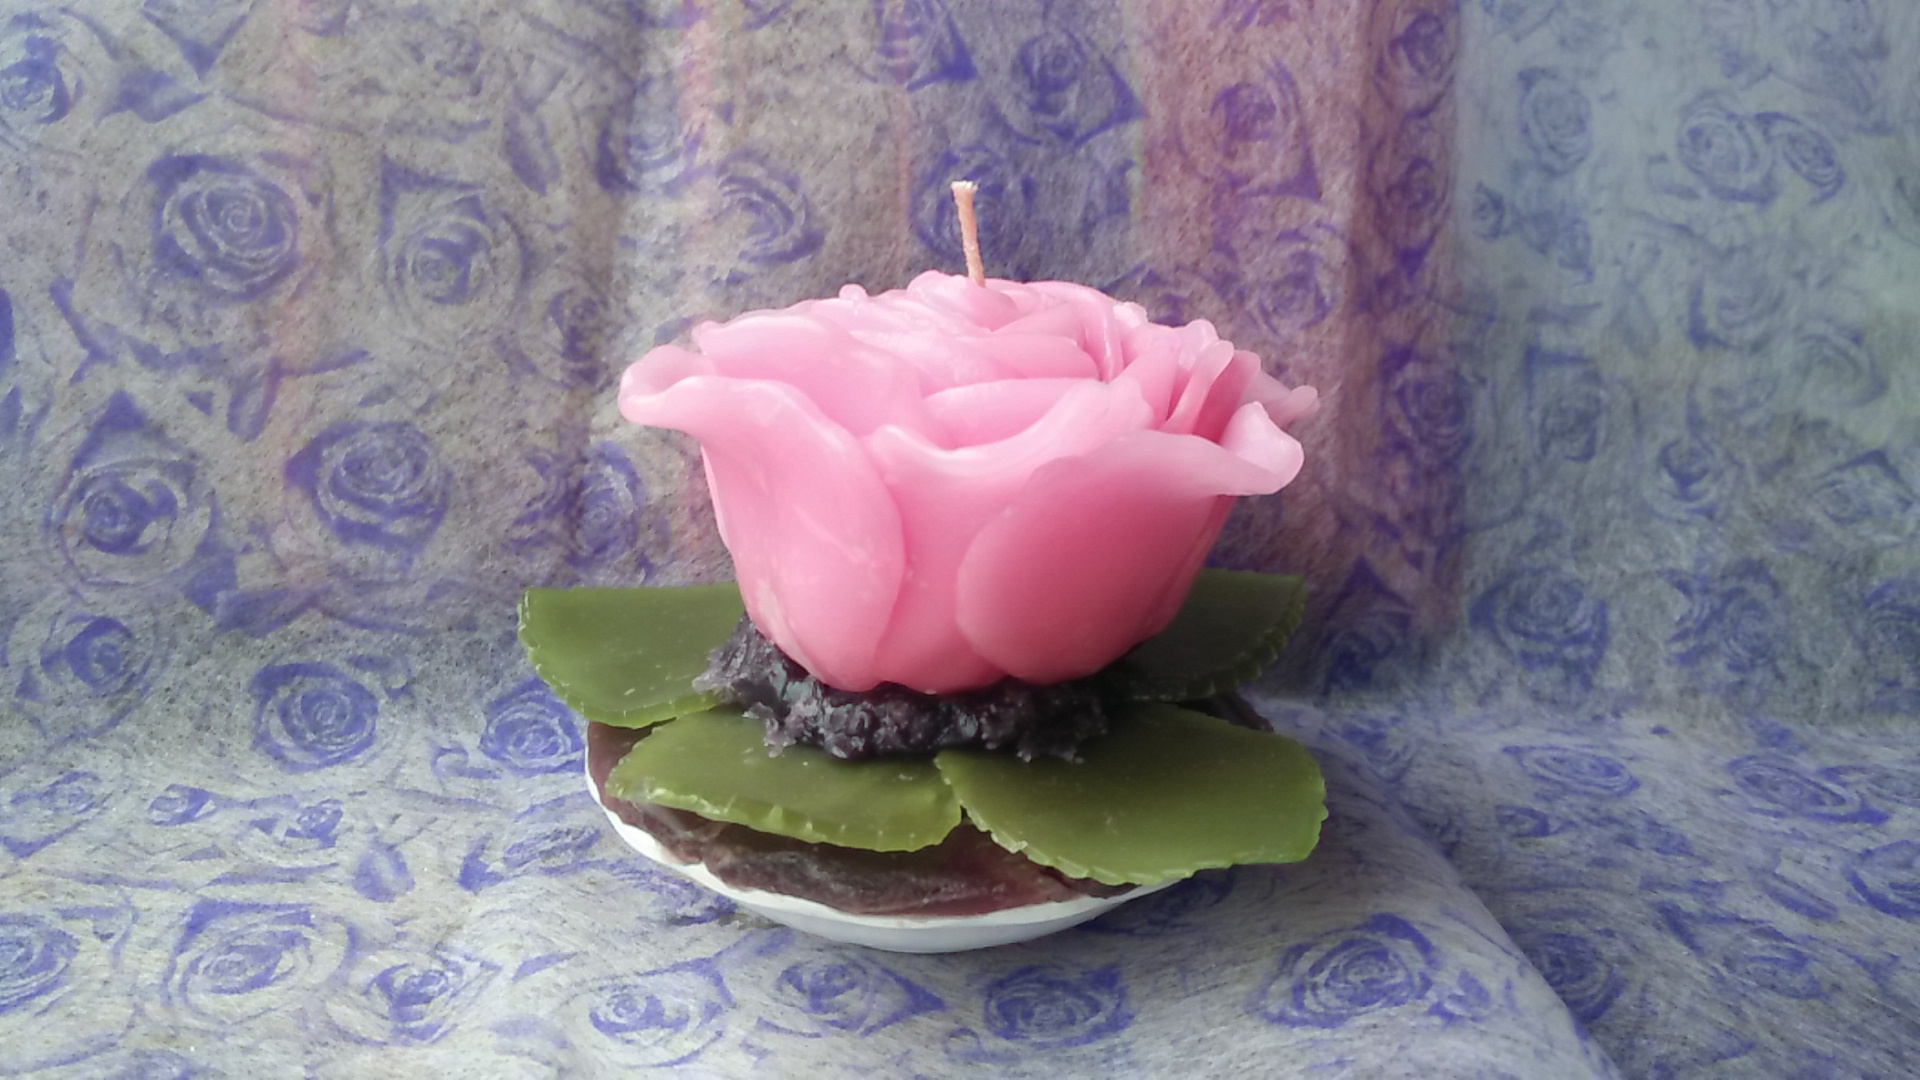 เทียนหอมดอกกุหลาบสีชมพูพร้อมใบ